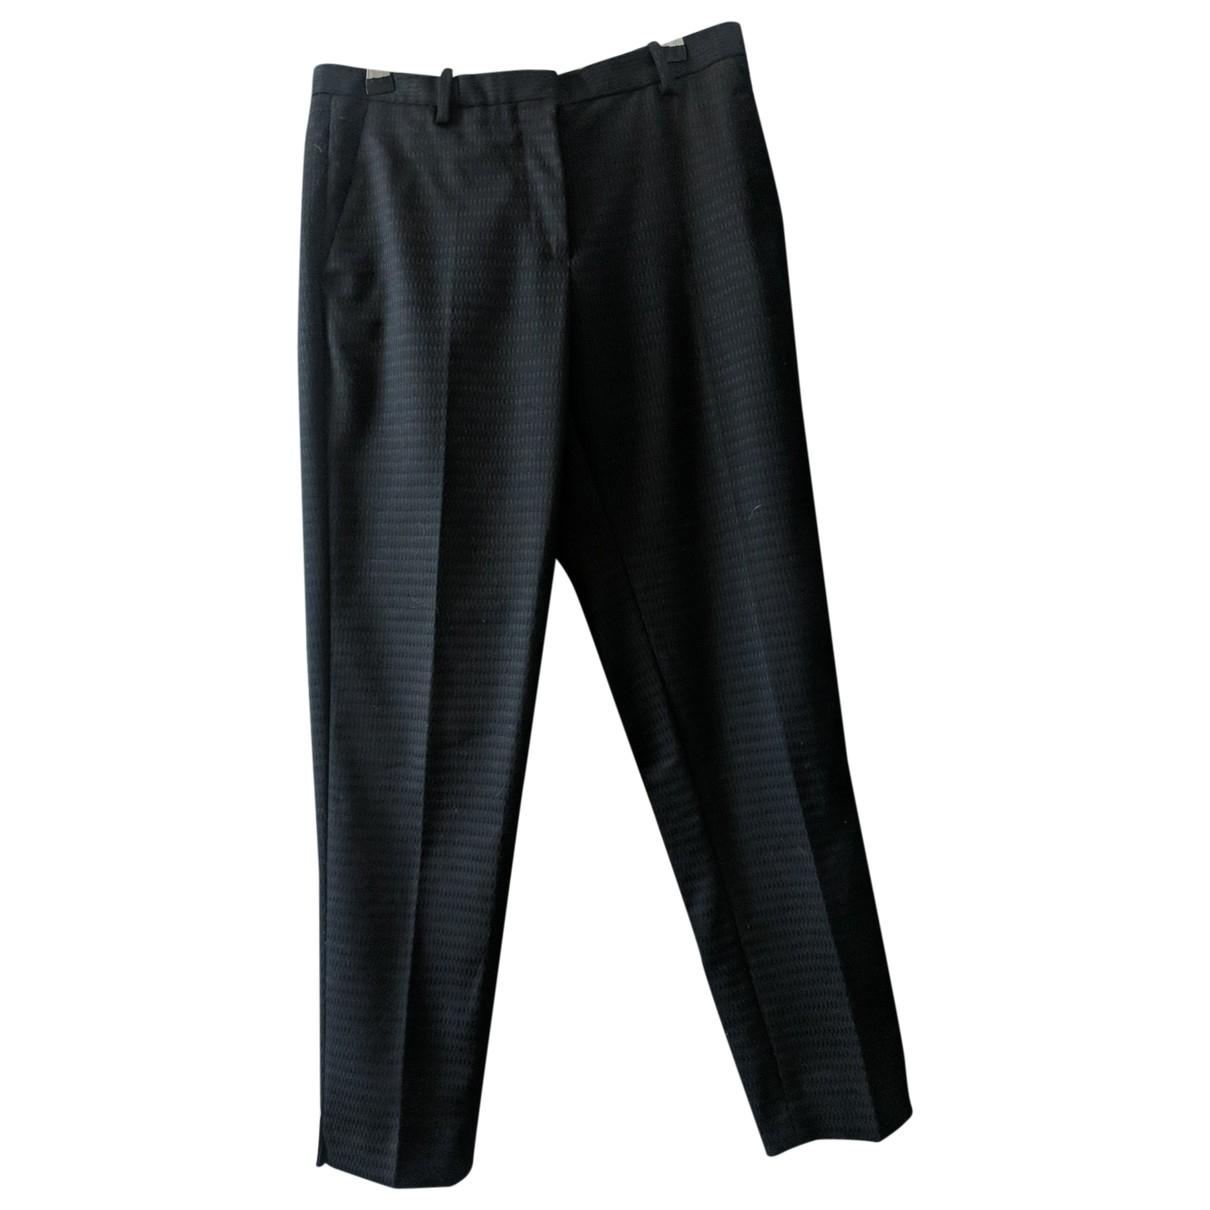 Day Birger & Mikkelsen \N Black Trousers for Women 8 UK